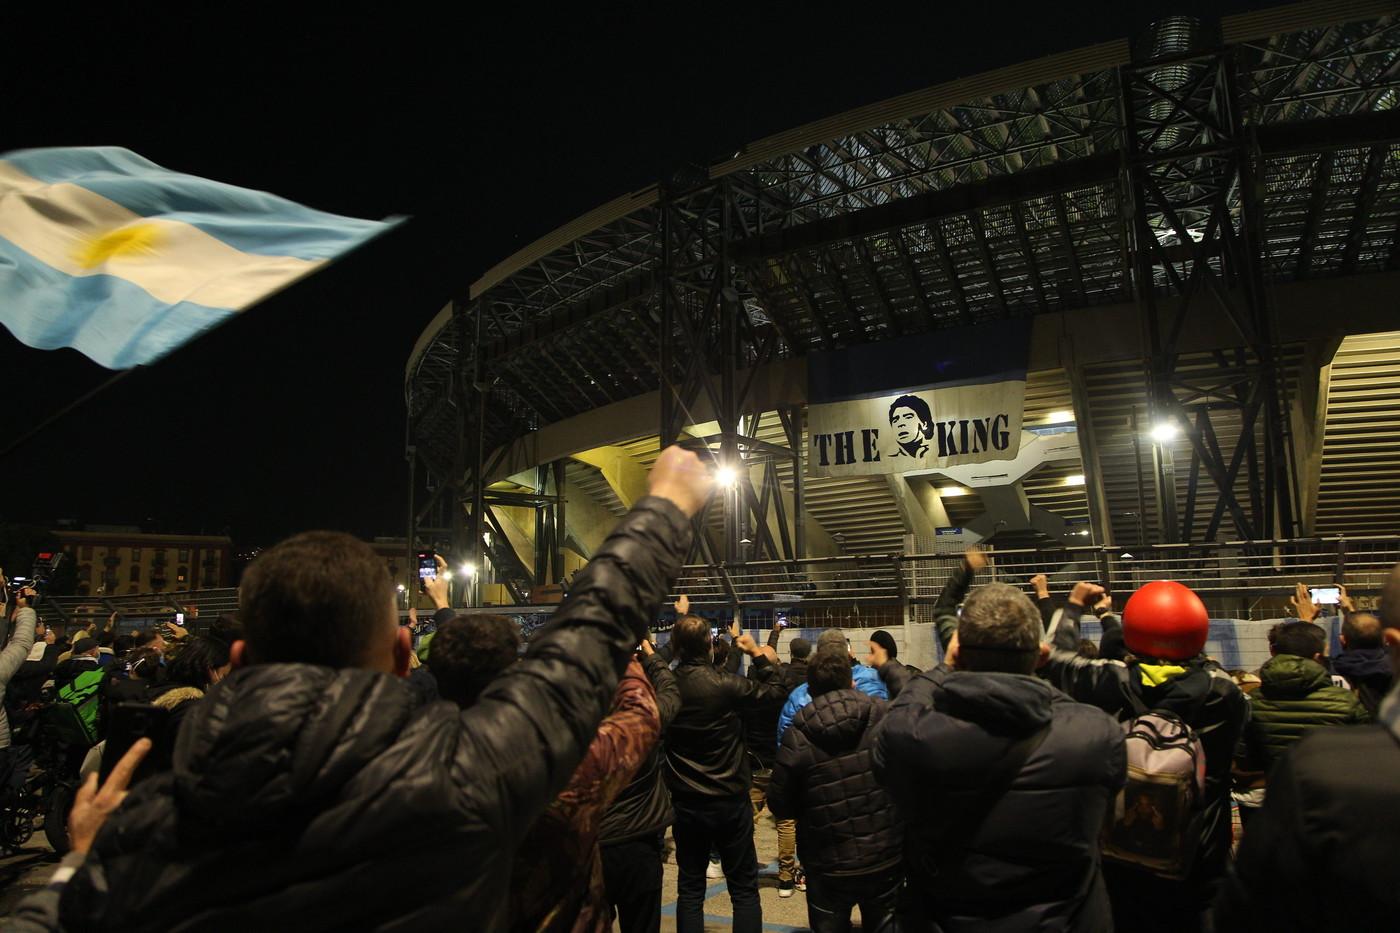 La lunga notte di Napoli per ricordare Diego Armando Maradona ha avuto come fulcro lo stadio San Paolo: diverse centinaia di tifosi si sono riversati davanti all&#39;impianto per una sorta di veglia funebre dai toni toccanti. Un silenzio quasi composto, rotto da qualche coro, tanti striscioni e bandiere, le preghiere di fronte alle foto del Pibe&nbsp;e ai lumini. Nel frattempo, nei quartieri Spagnoli vicino al murales del&nbsp;1987, altre decine di tifosi facevano lo stesso.<br /><br />